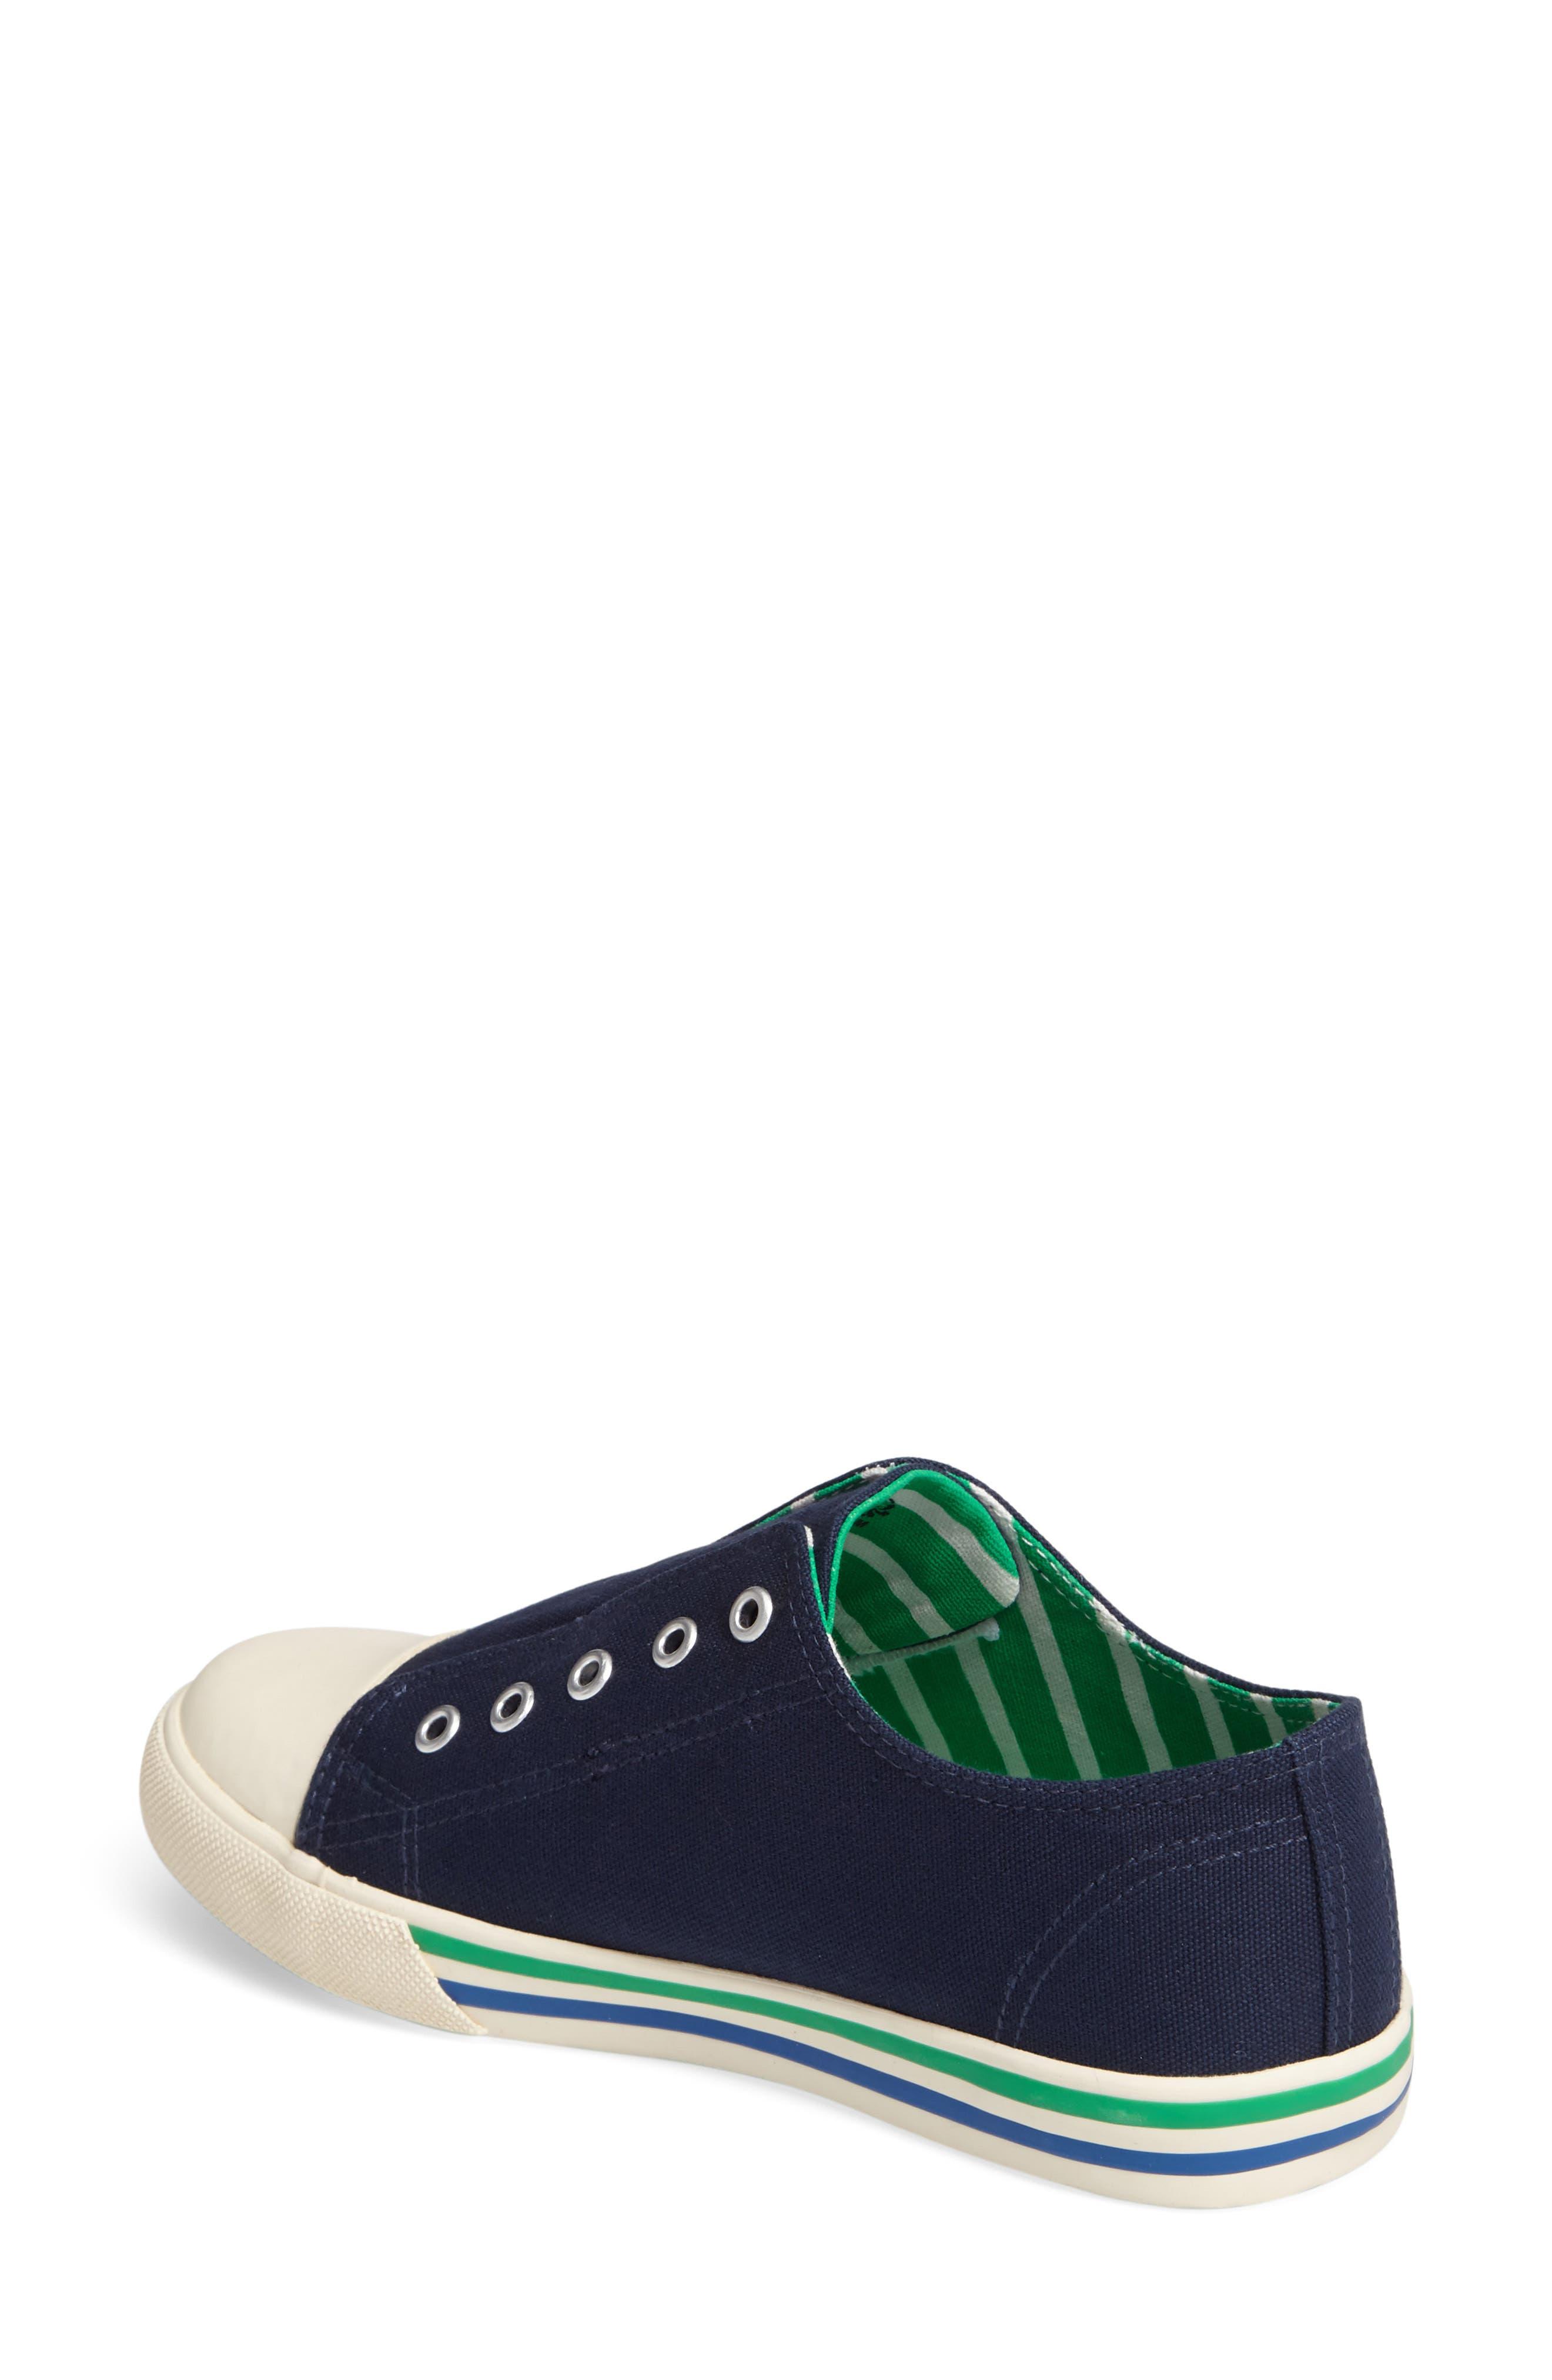 Alternate Image 2  - Mini Boden Laceless Sneaker (Toddler, Little Kid & Big Kid)